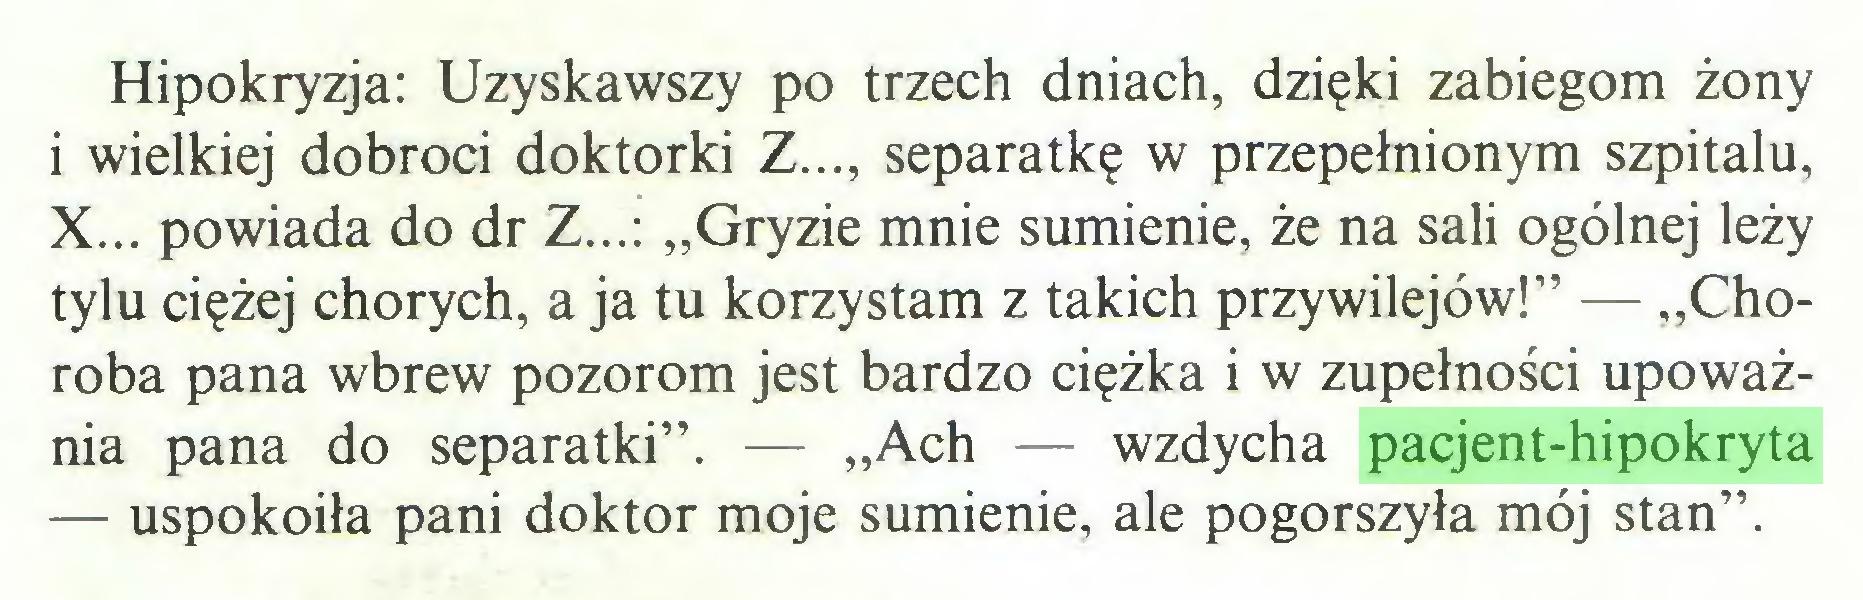 """(...) Hipokryzja: Uzyskawszy po trzech dniach, dzięki zabiegom żony i wielkiej dobroci doktorki Z..., separatkę w przepełnionym szpitalu, X... powiada do dr Z...: """"Gryzie mnie sumienie, że na sali ogólnej leży tylu ciężej chorych, a ja tu korzystam z takich przywilejów!"""" — """"Choroba pana wbrew pozorom jest bardzo ciężka i w zupełności upoważnia pana do separatki"""". — """"Ach — wzdycha pacjent-hipokryta — uspokoiła pani doktor moje sumienie, ale pogorszyła mój stan""""..."""